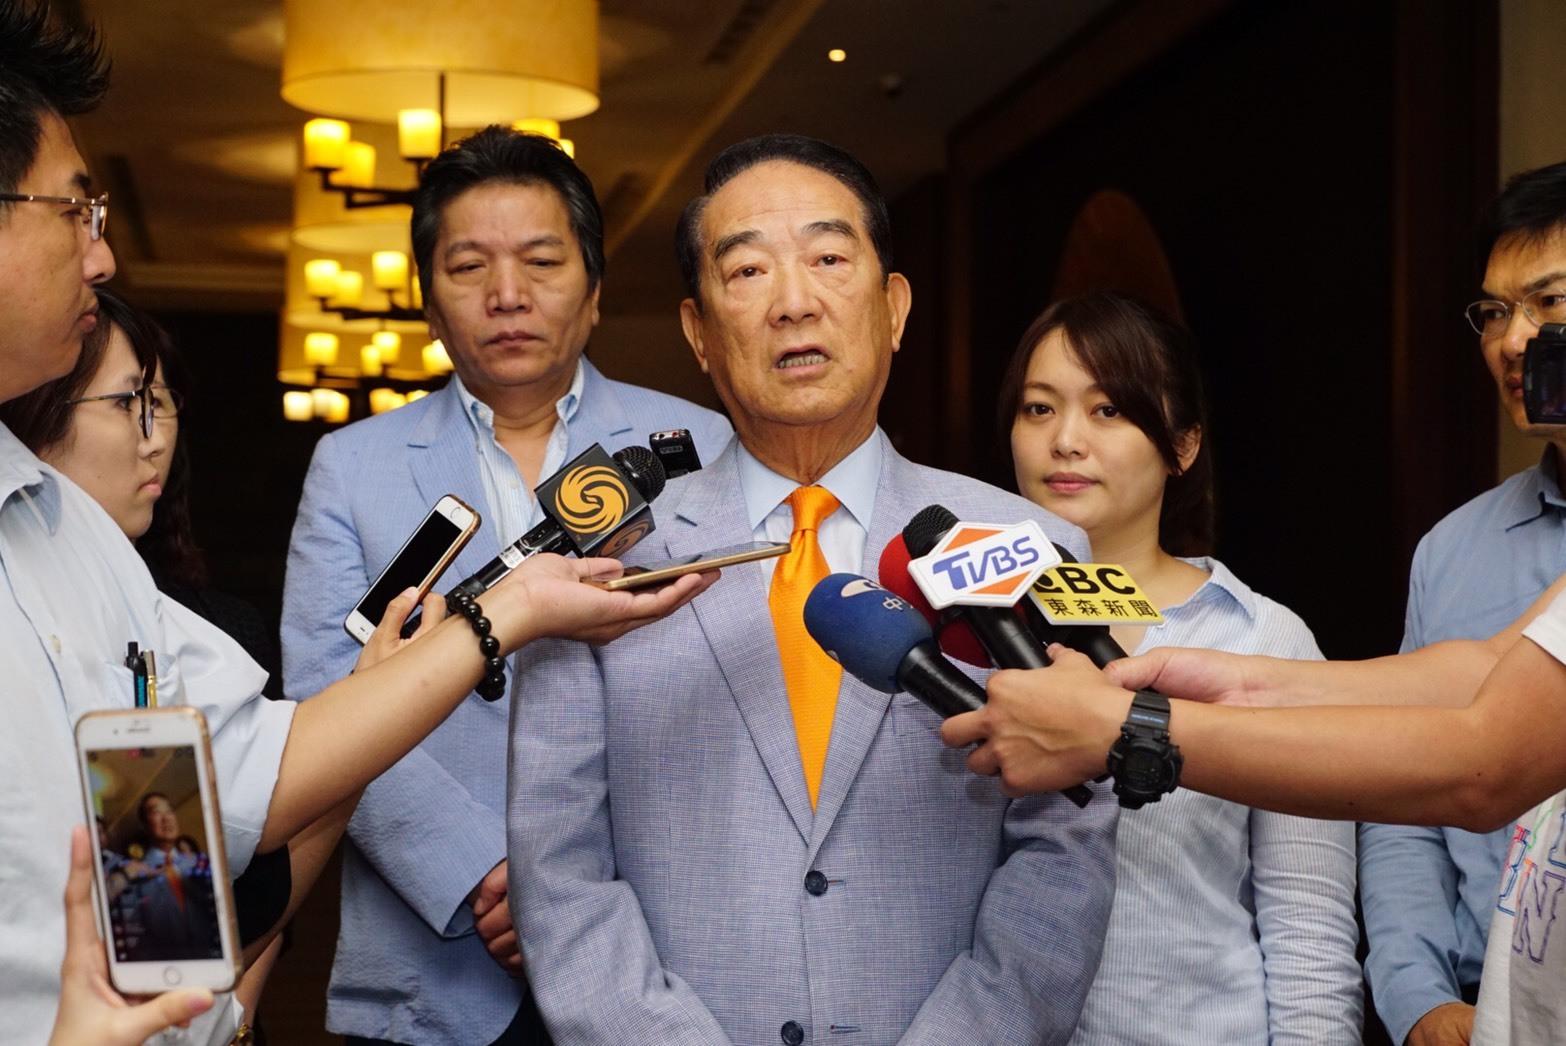 外傳親民黨主席宋楚瑜將代表總統蔡英文參加APEC,總統府表示,仍在規畫中,確定後再說明。(資料圖/NOWnews)